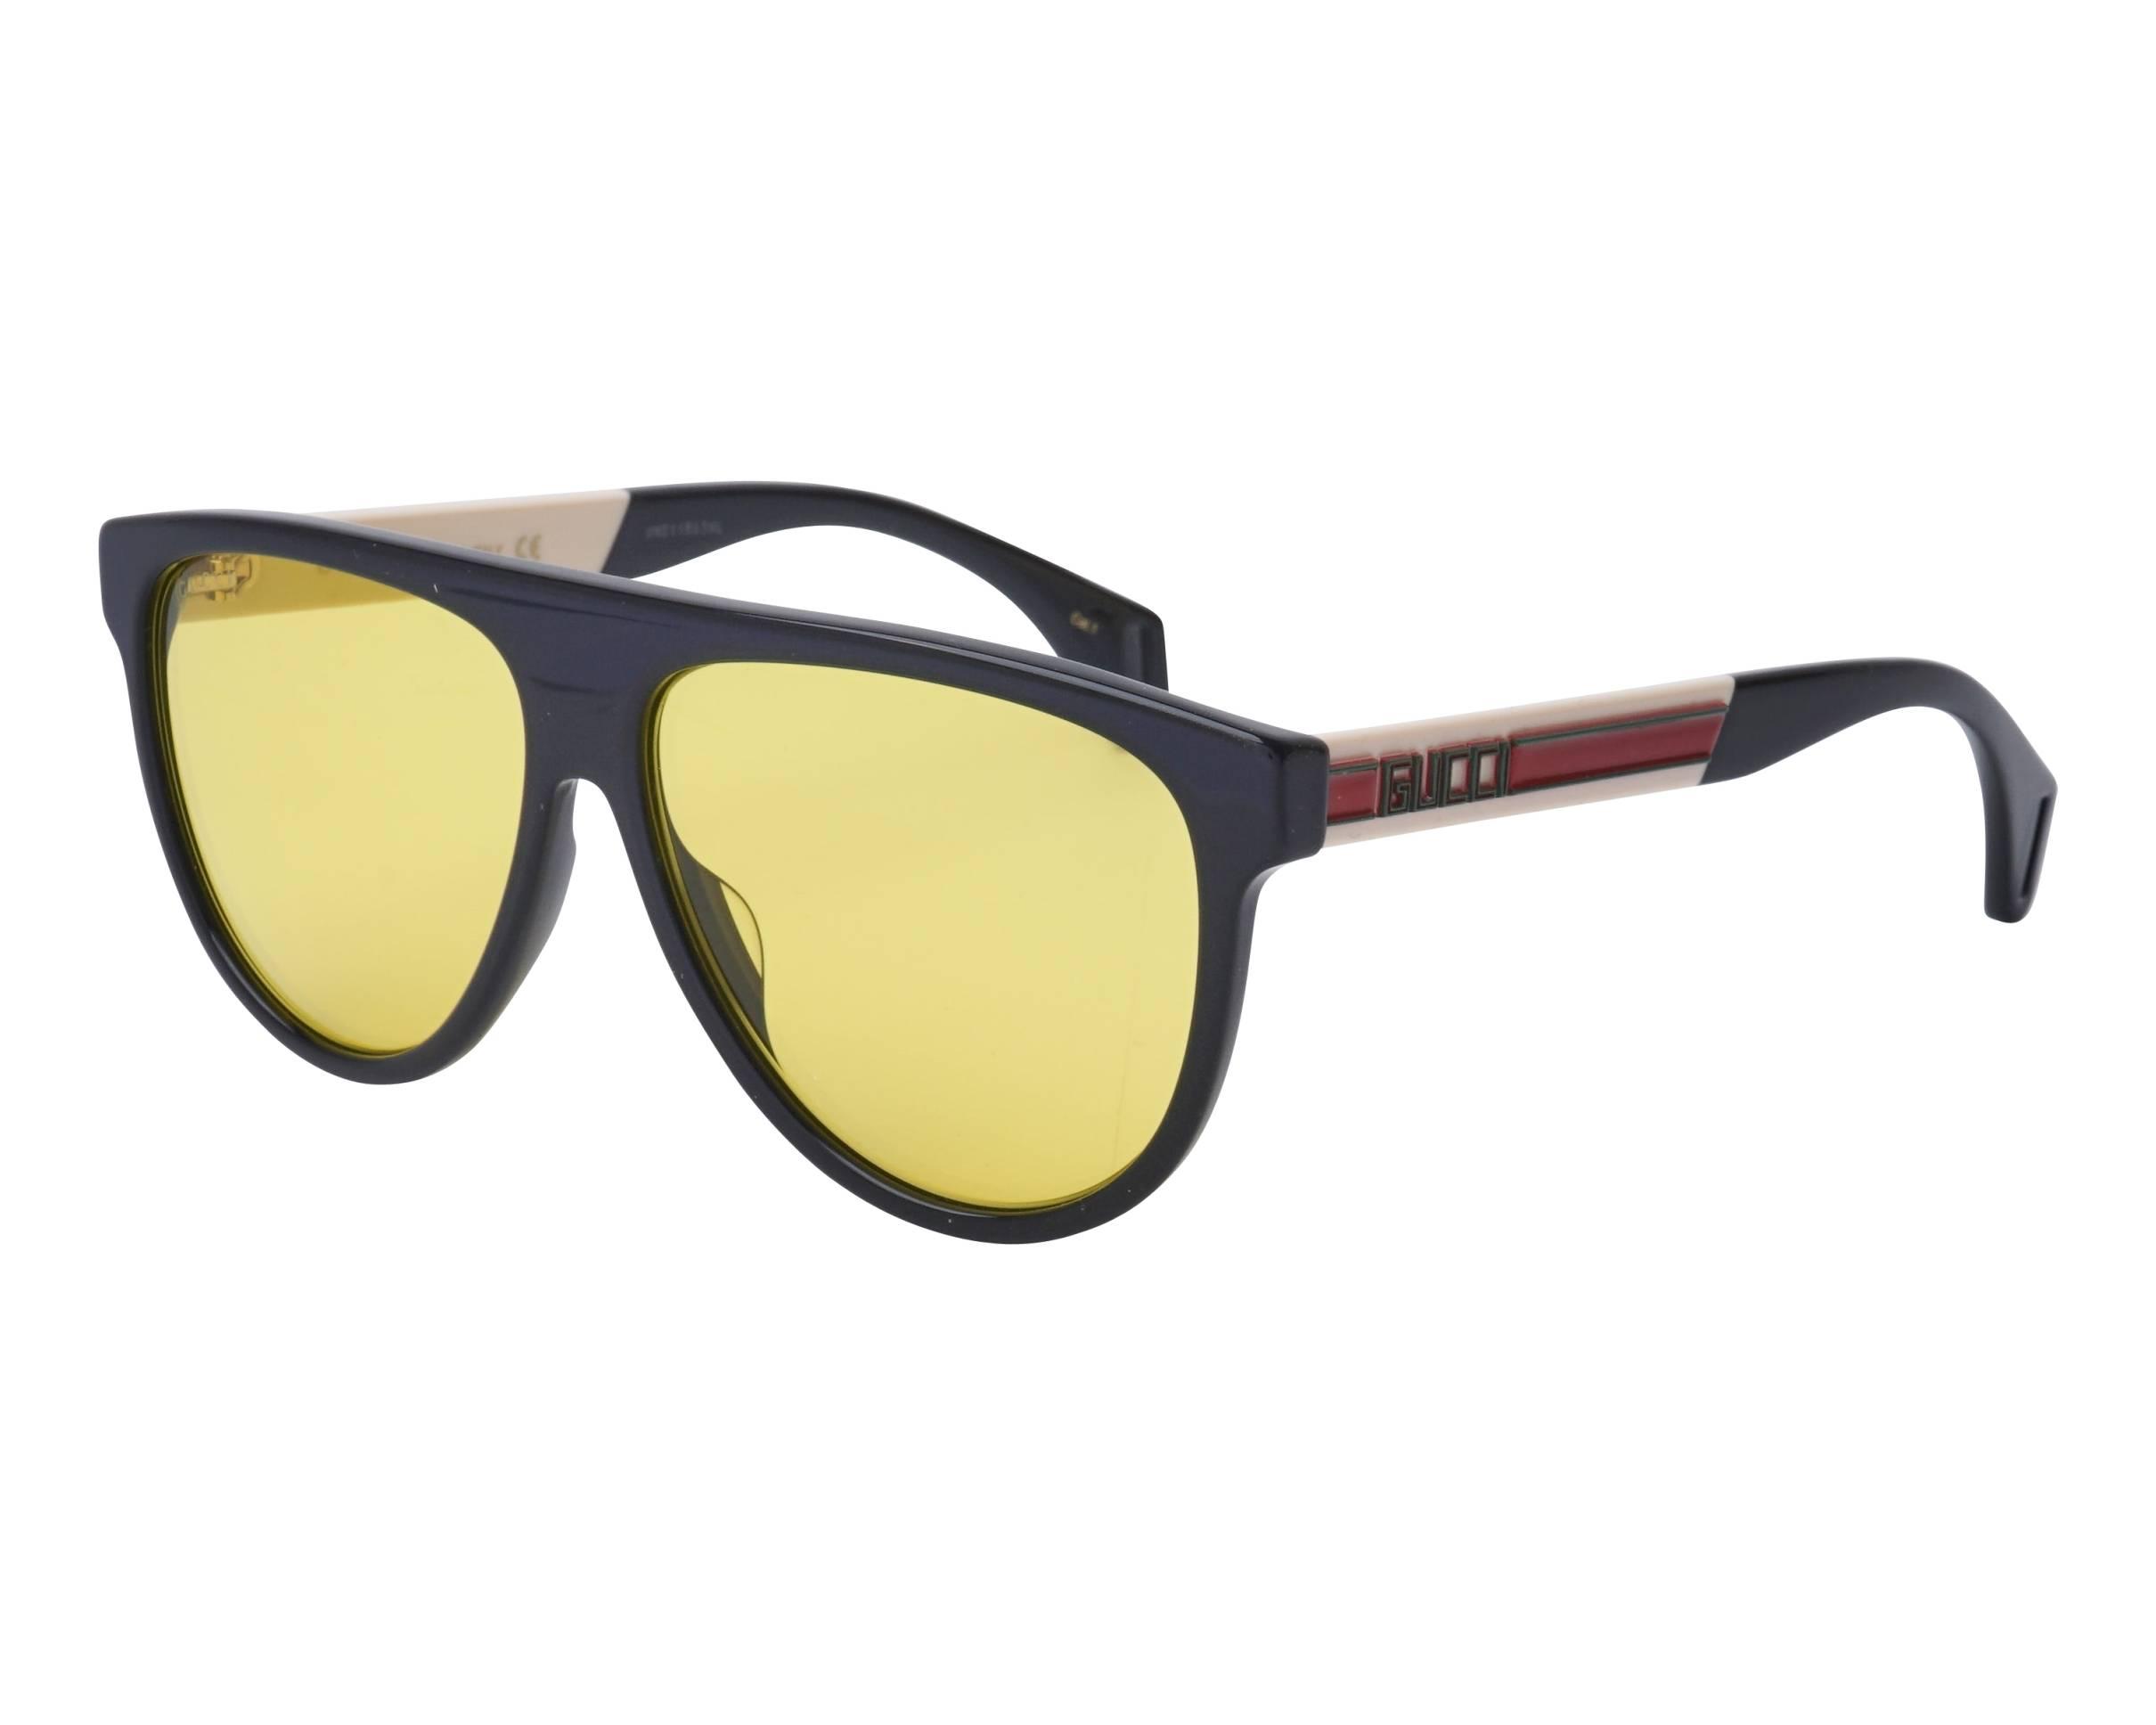 d0a283f4c8a Sunglasses Gucci GG-0462-S 001 58-13 Black White profile view